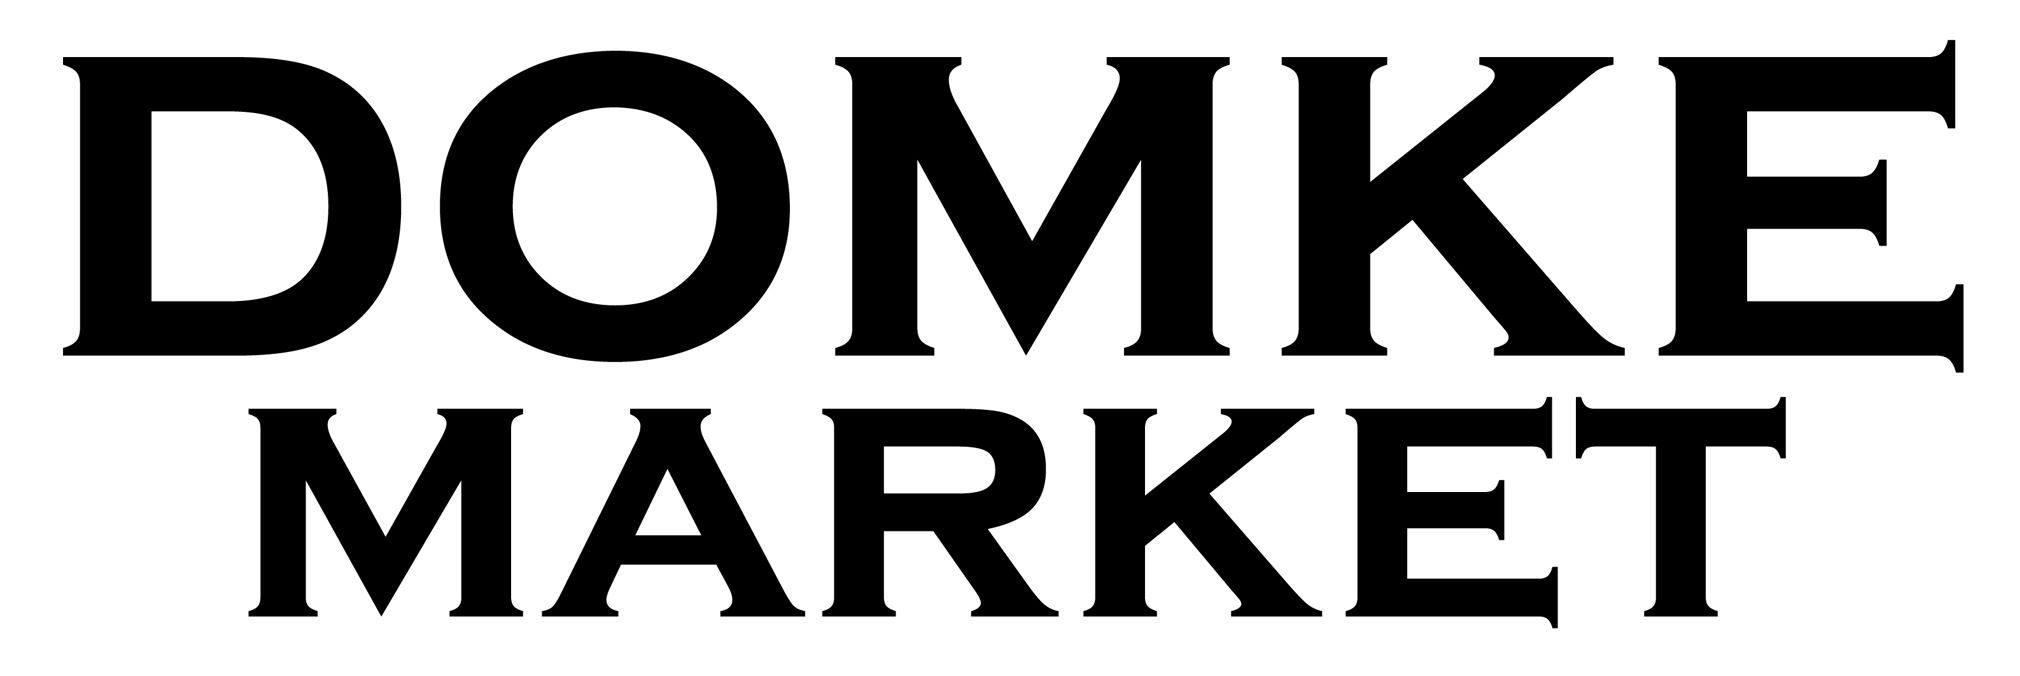 DOMKE MARKET